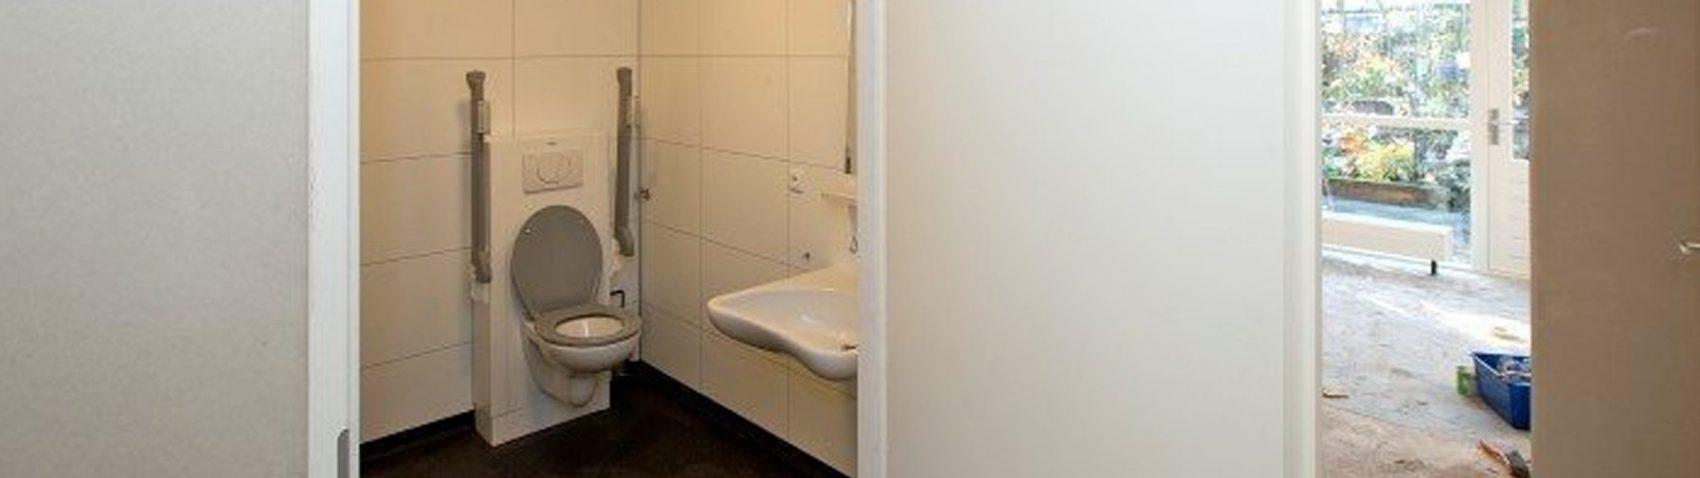 Prefab badkamer woning Driebergen